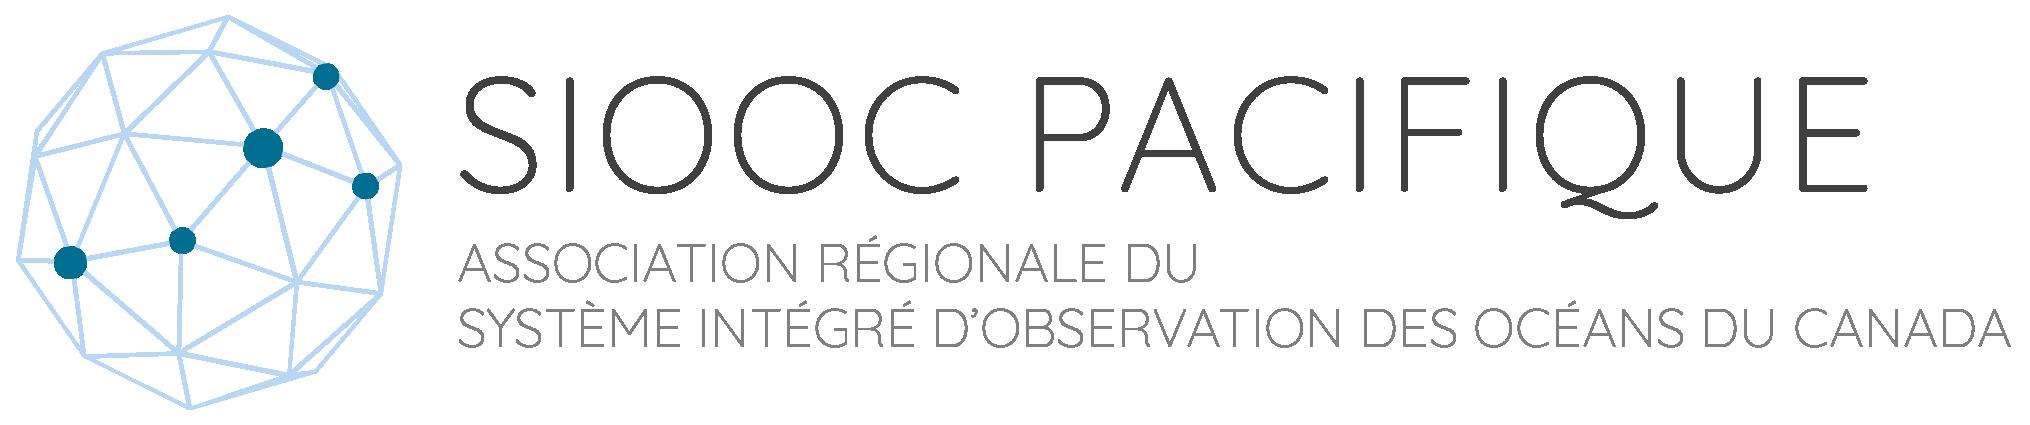 CIOOS - Pacific Catalogue